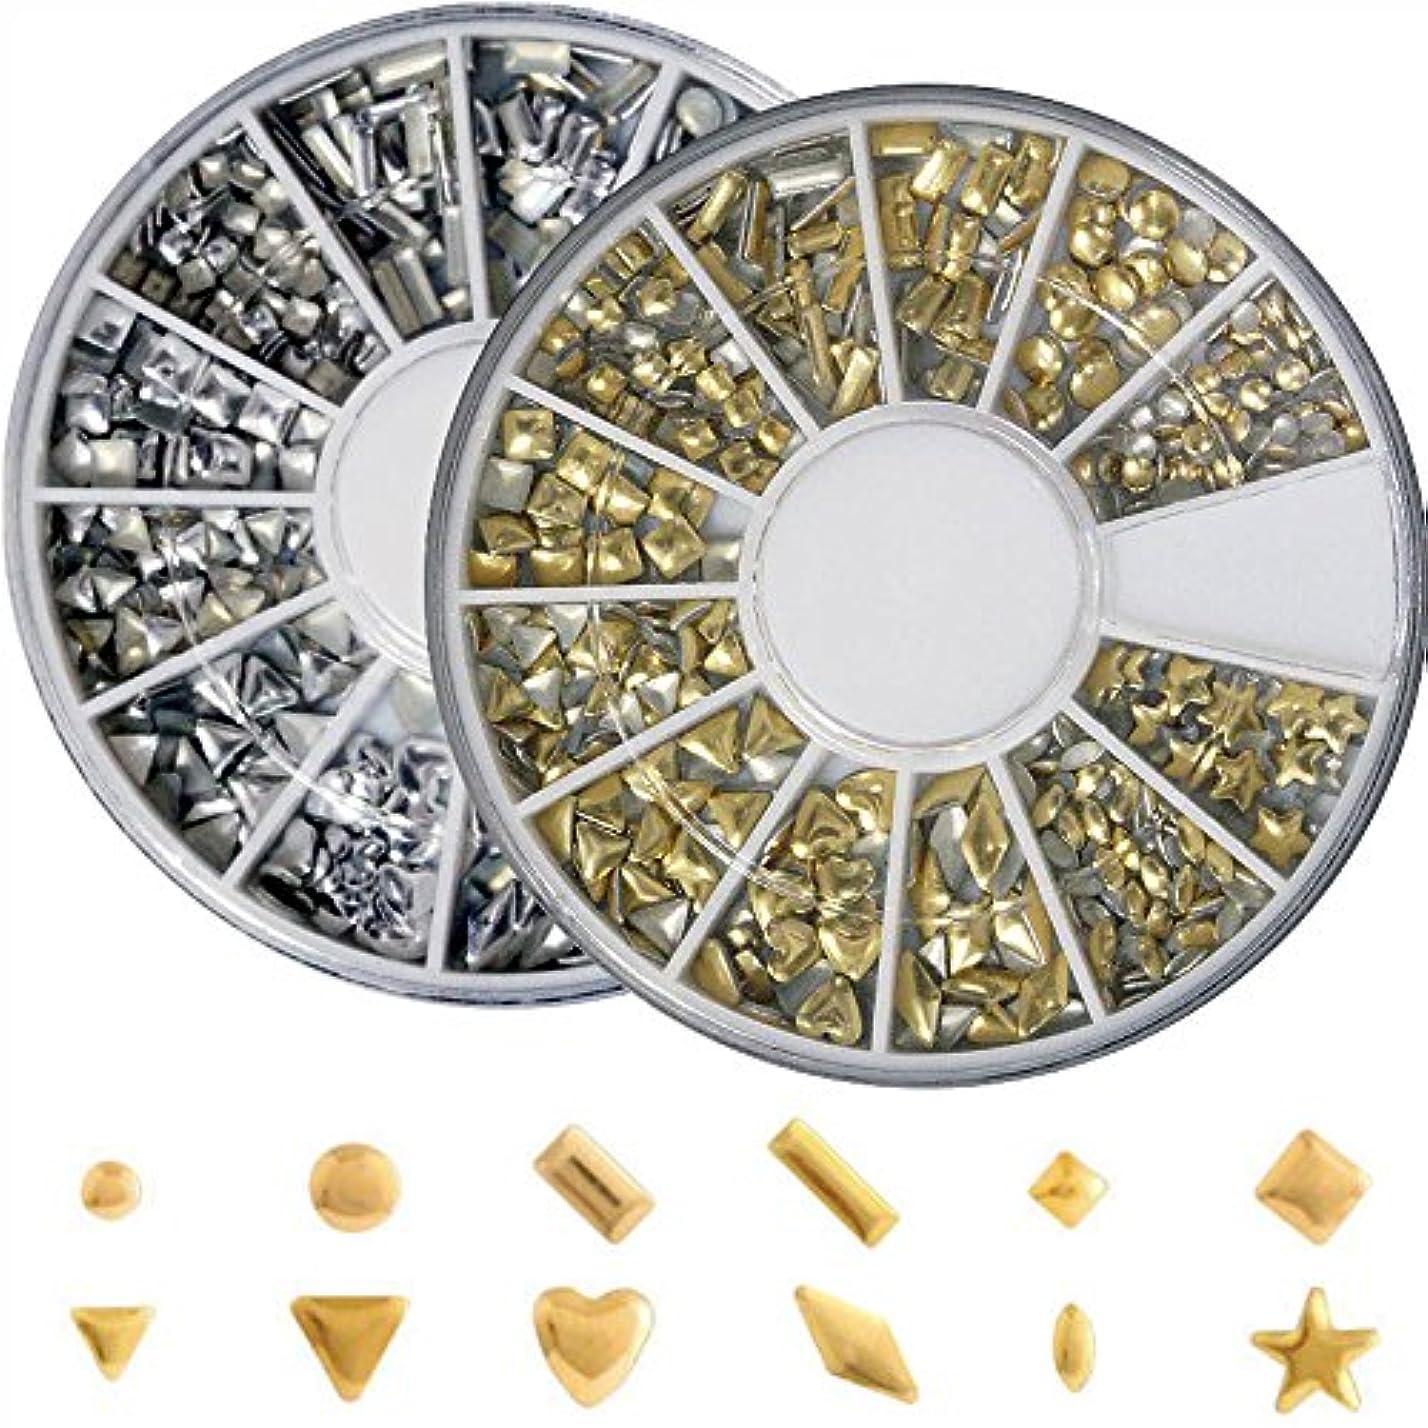 暴露するシンク遅いメタルスタッズ12種類 ネイル用 ゴールド&シルバー ラウンドケース入2個/セット